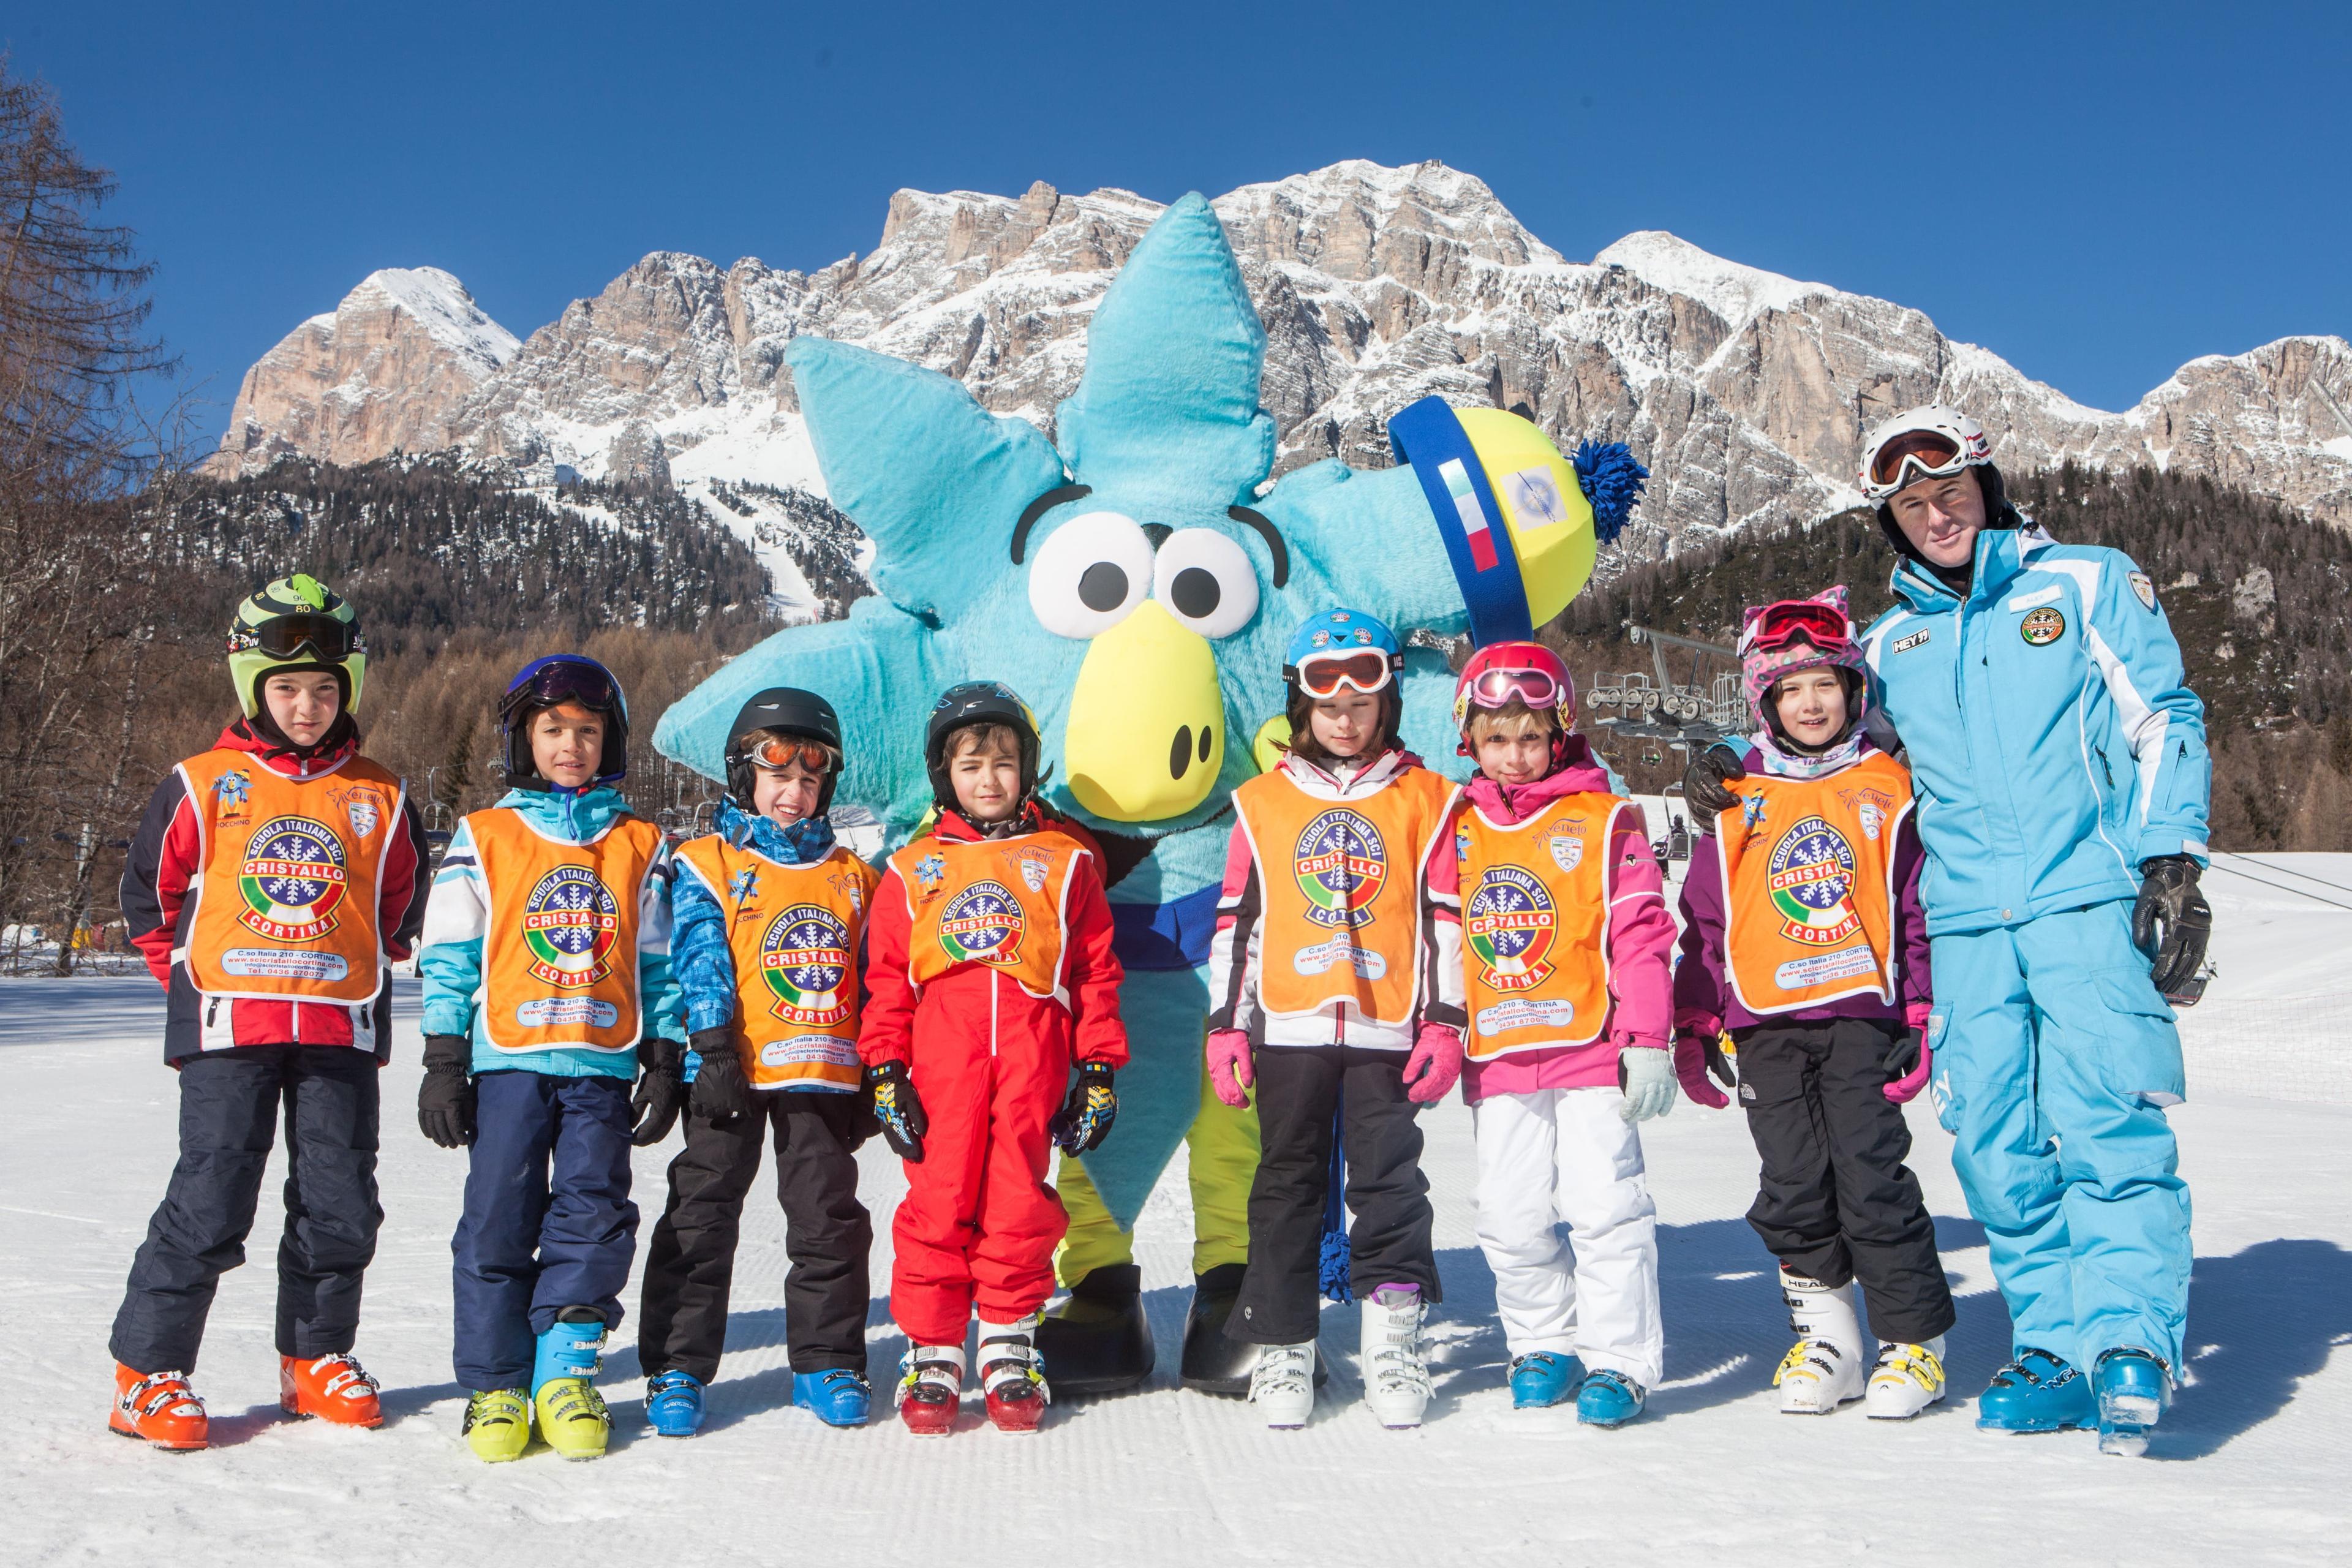 Ski Lessons for Kids (4-6 years) - Beginner